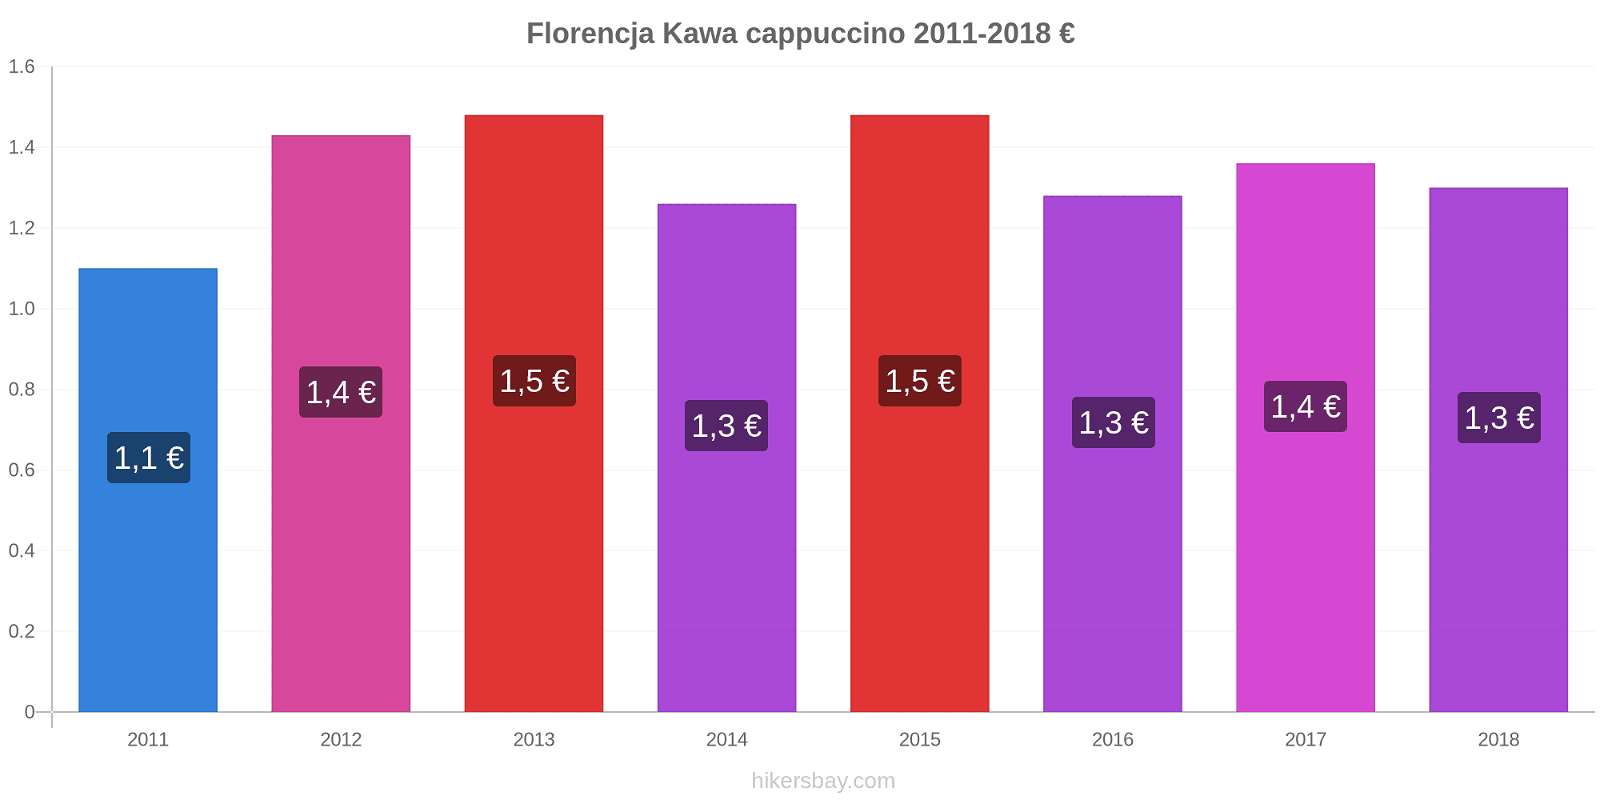 Florencja zmiany cen Kawa cappuccino hikersbay.com